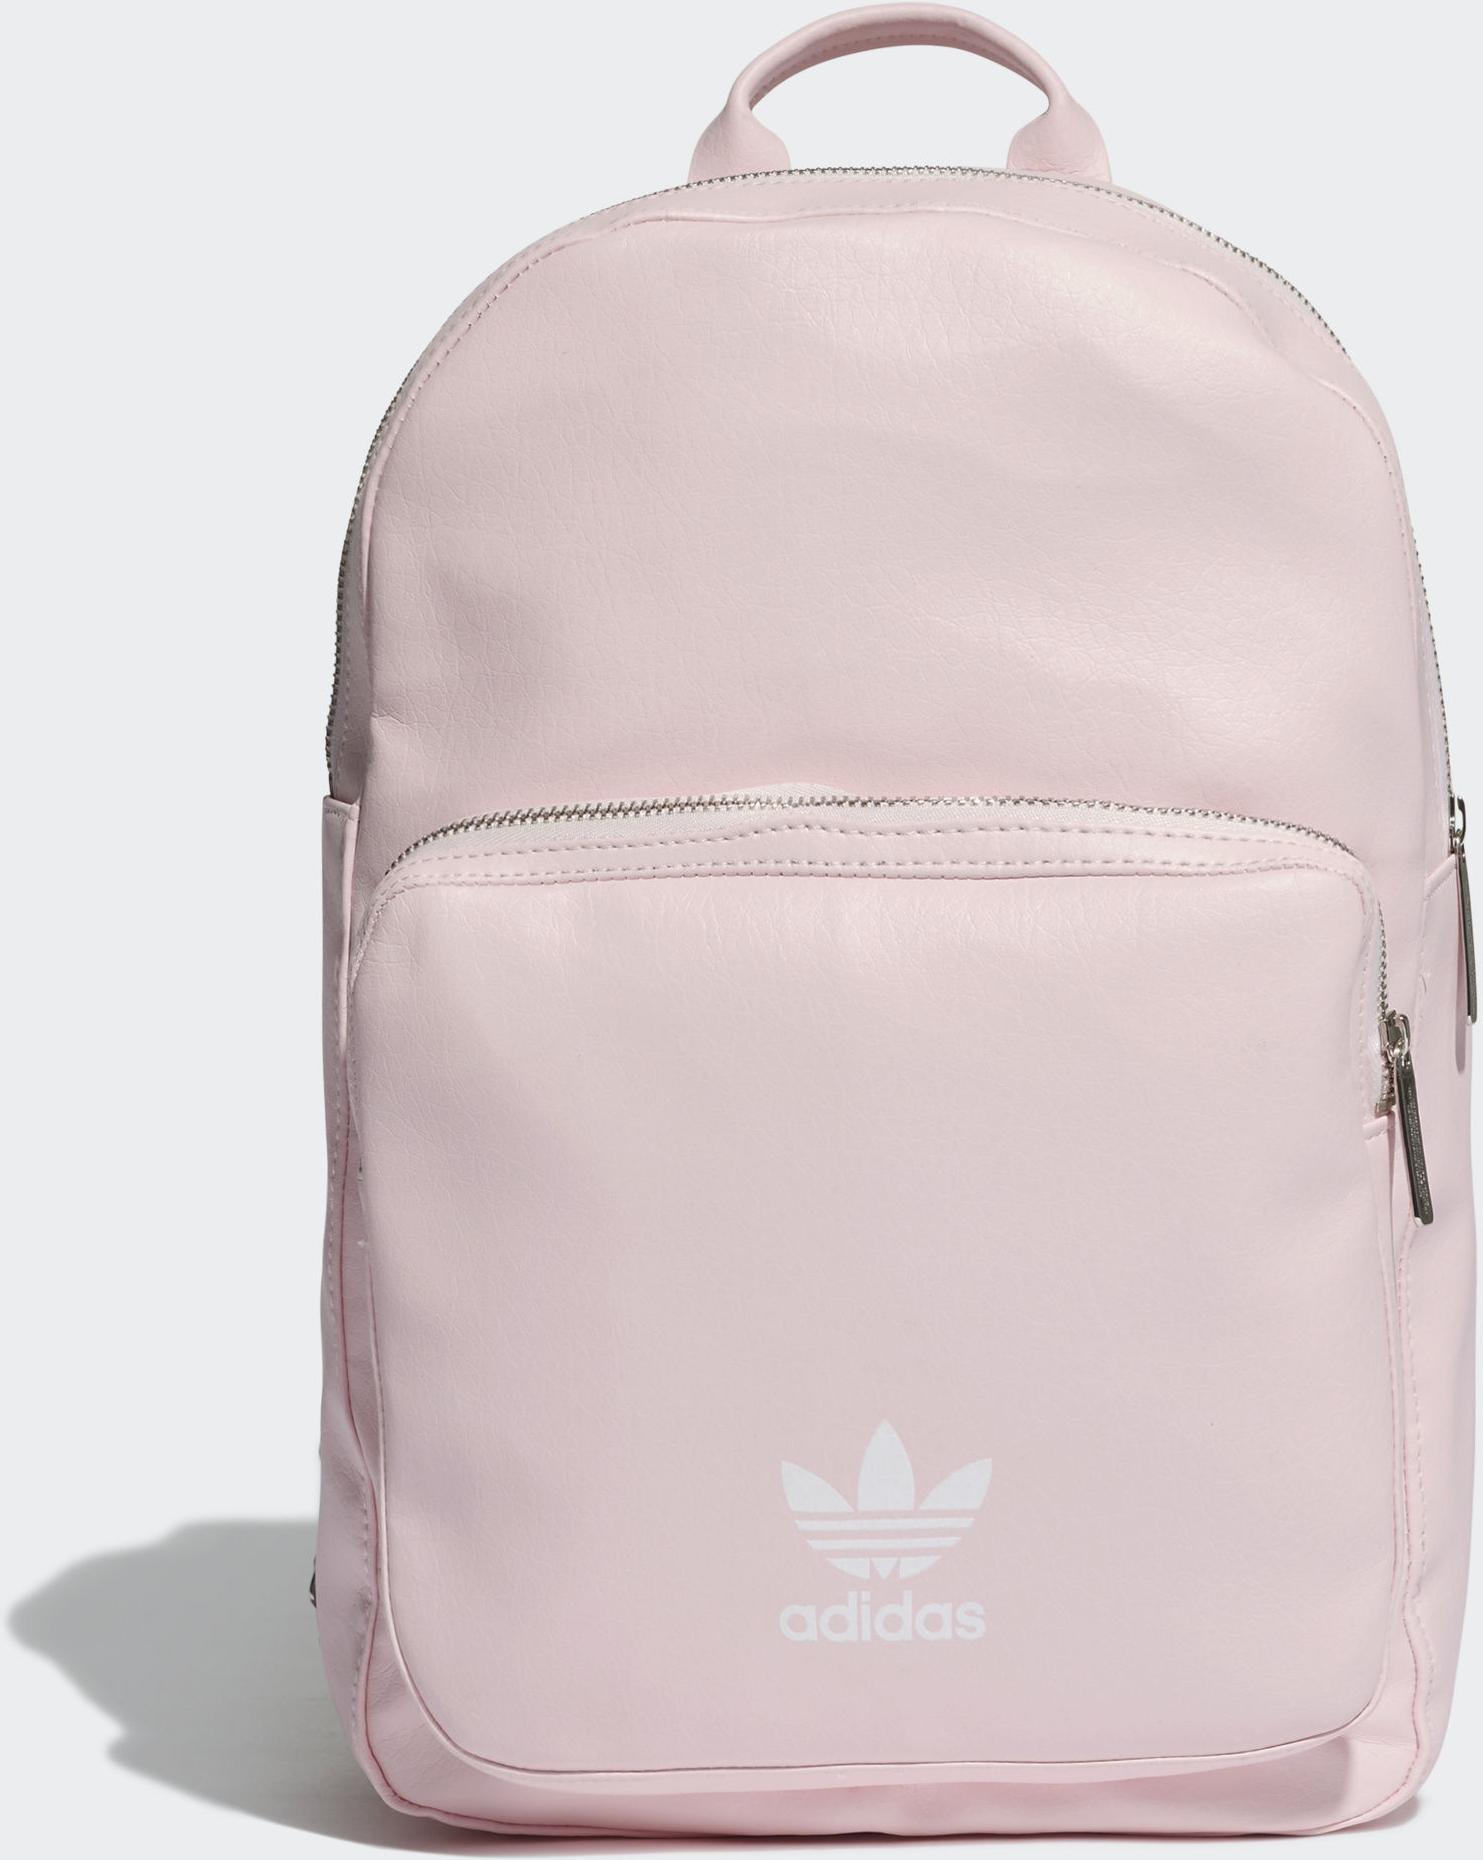 Рюкзак Adidas Bp Cl M Pu, цвет: розовый. DU6809 цена